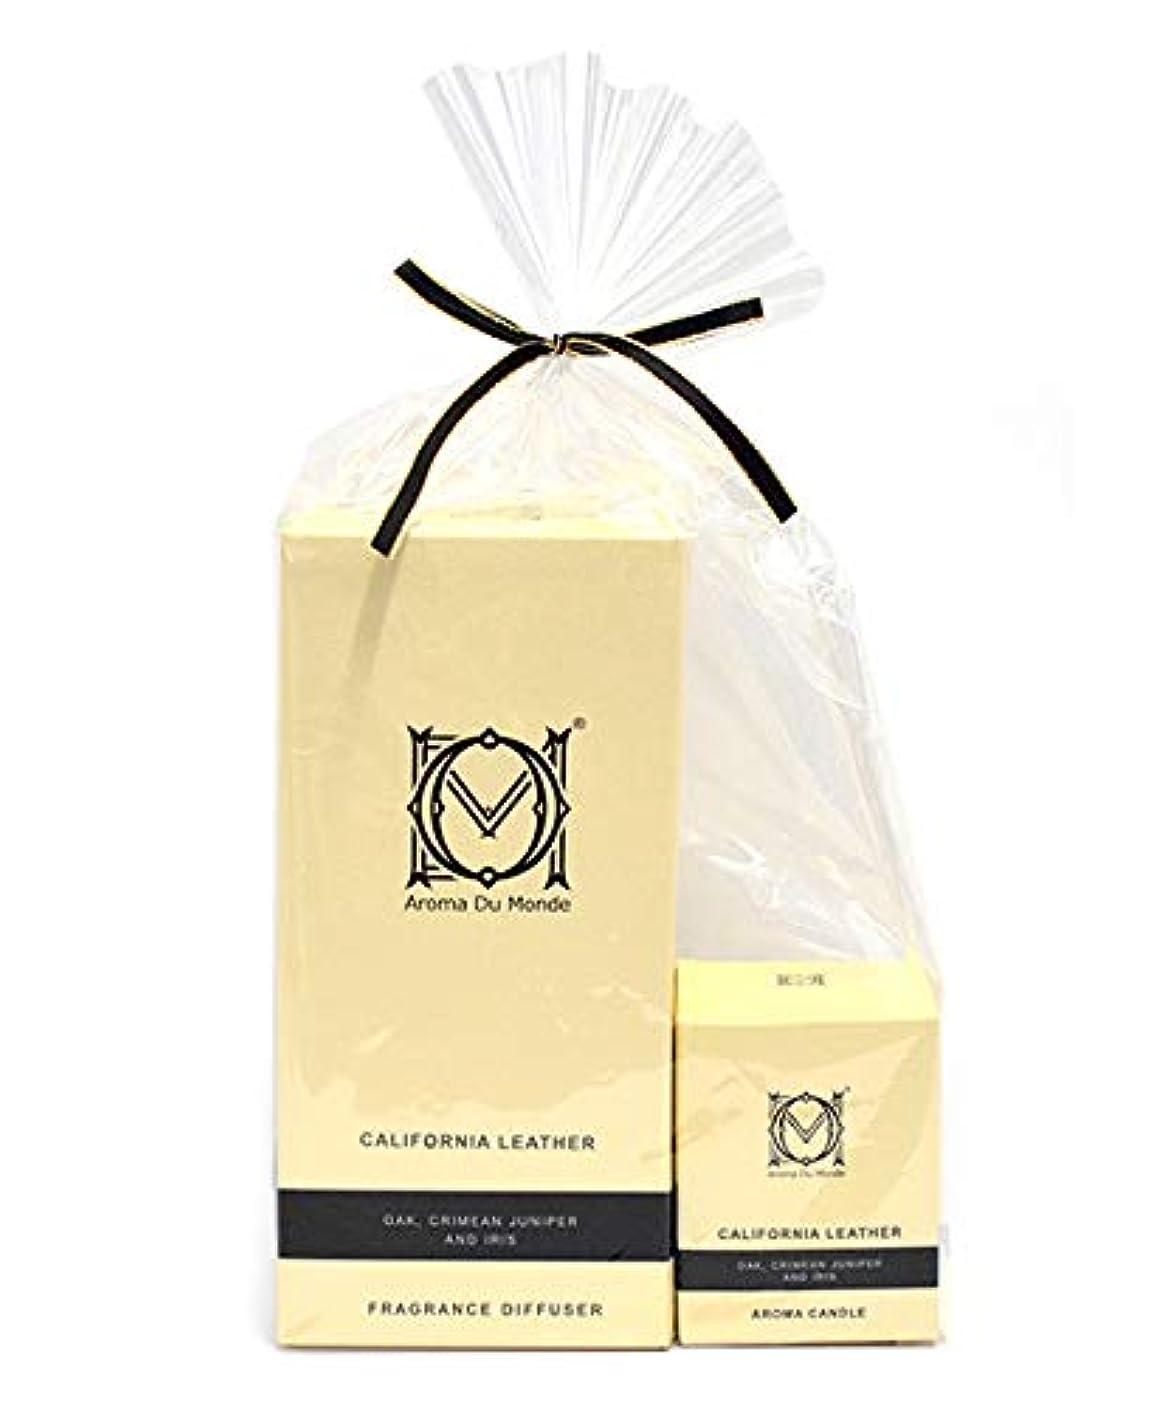 フレグランスディフューザー&キャンドル カリフォルニアレザー セット Aroma Du Monde/ADM Fragrance Diffuser & Candle California Leather Set 81159